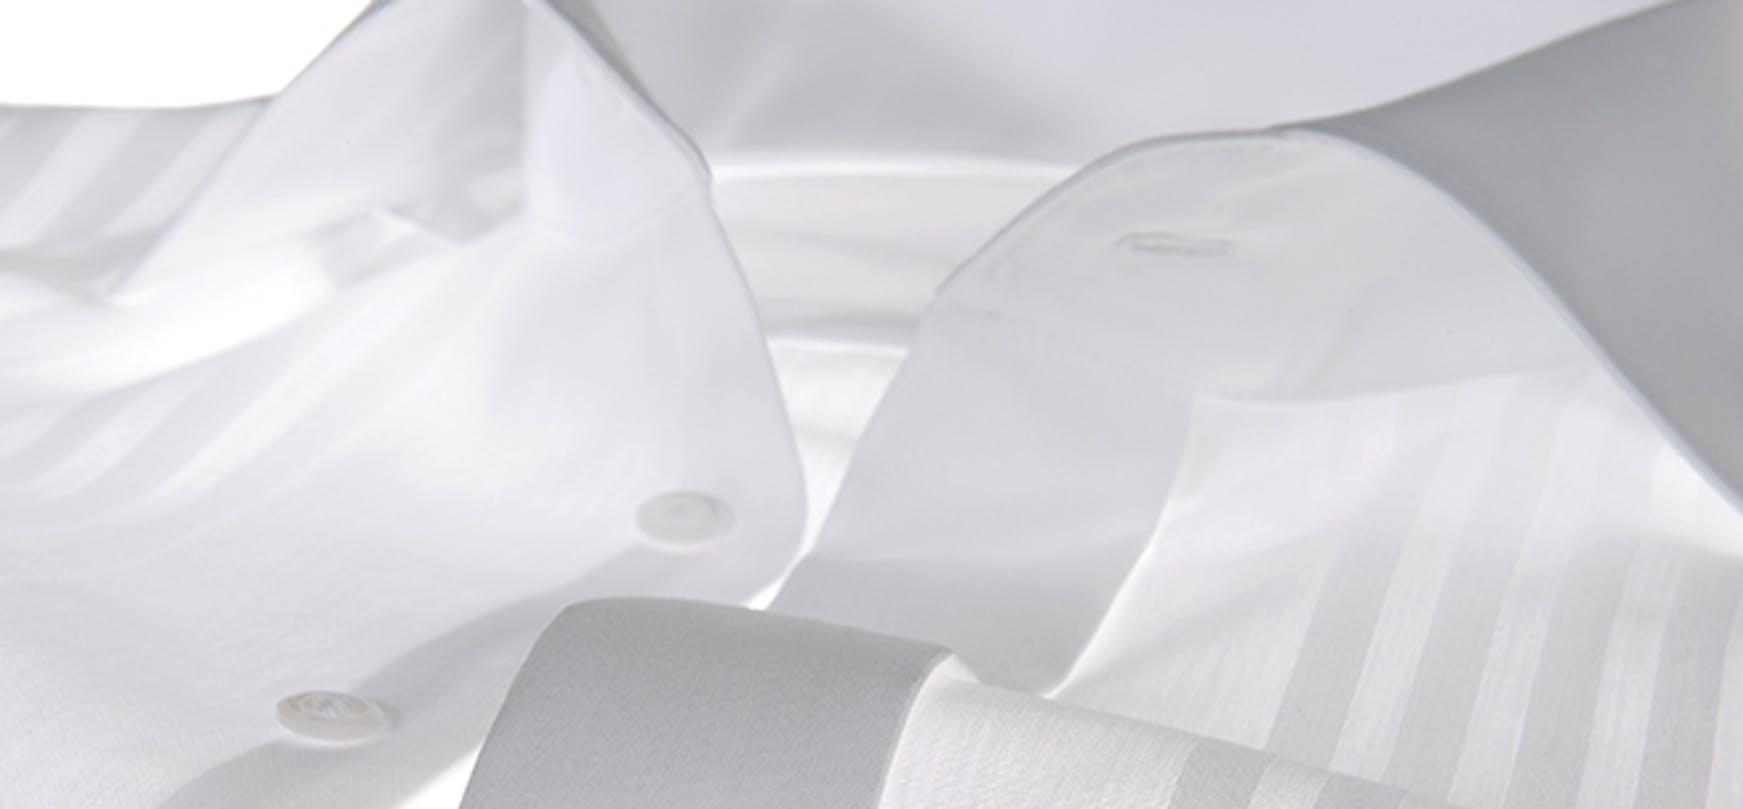 Schweißflecken auf Herrenhemden effektiv entfernen | Modern